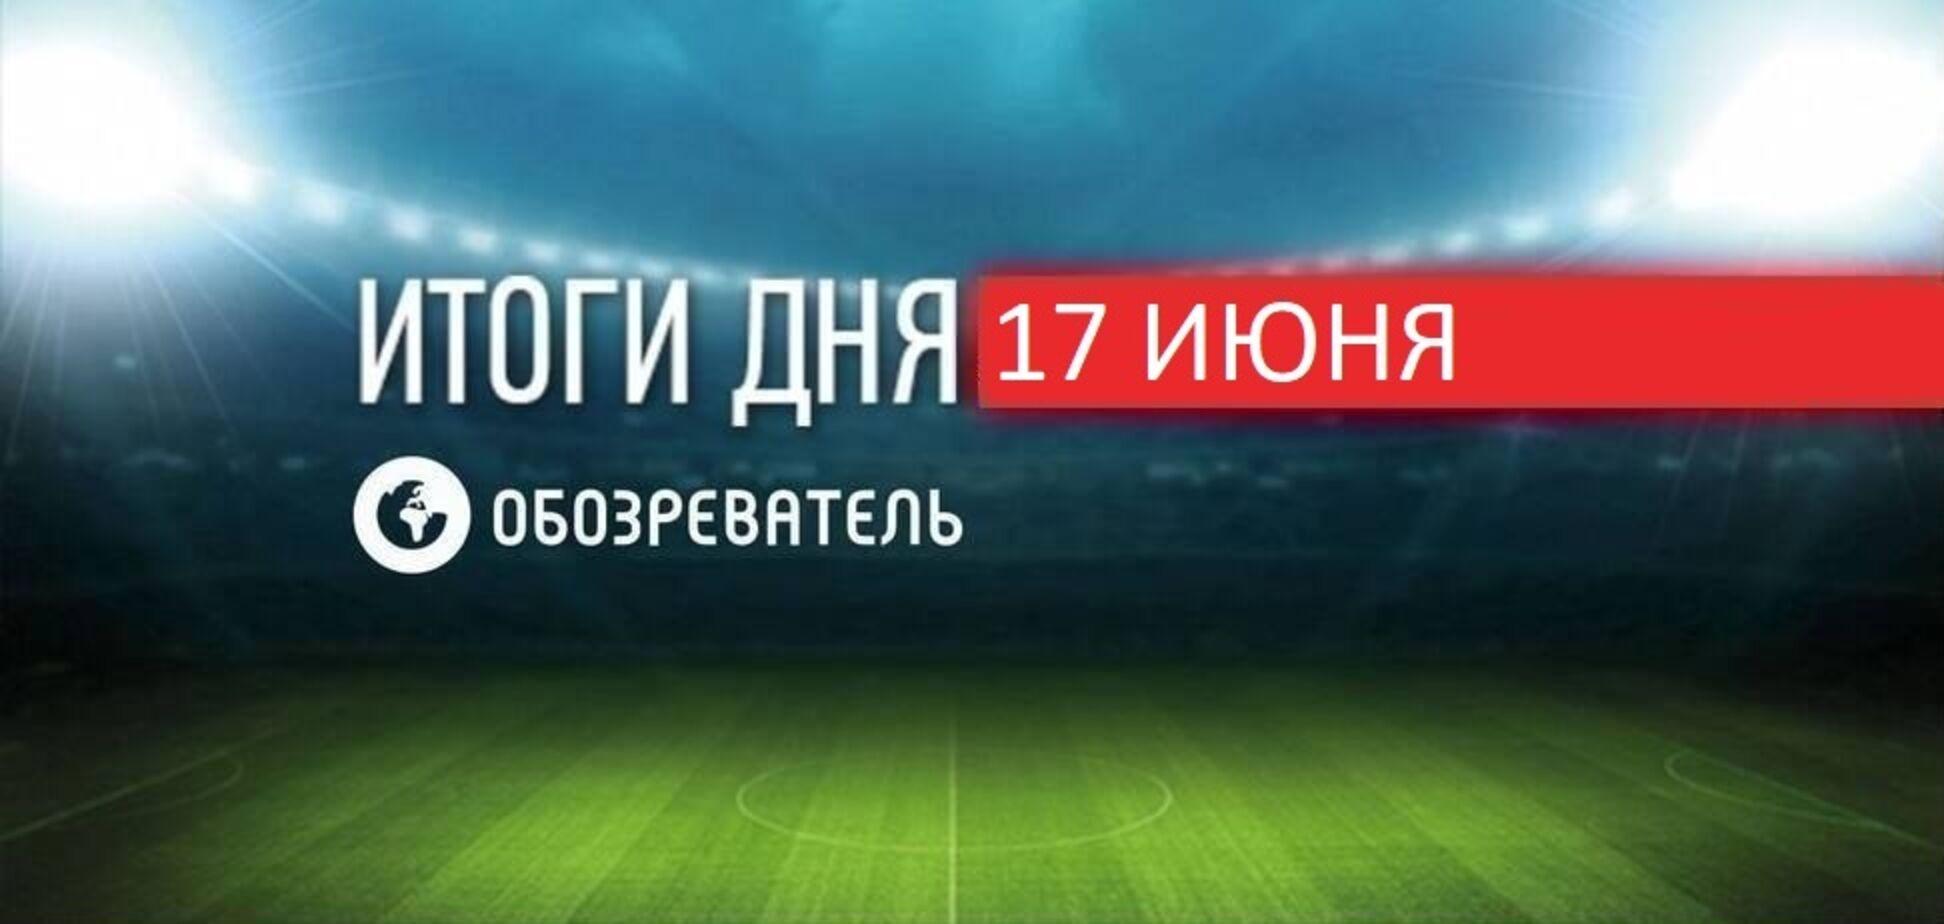 Україна здобула першу перемогу на Євро-2020: новини спорту 17 червня